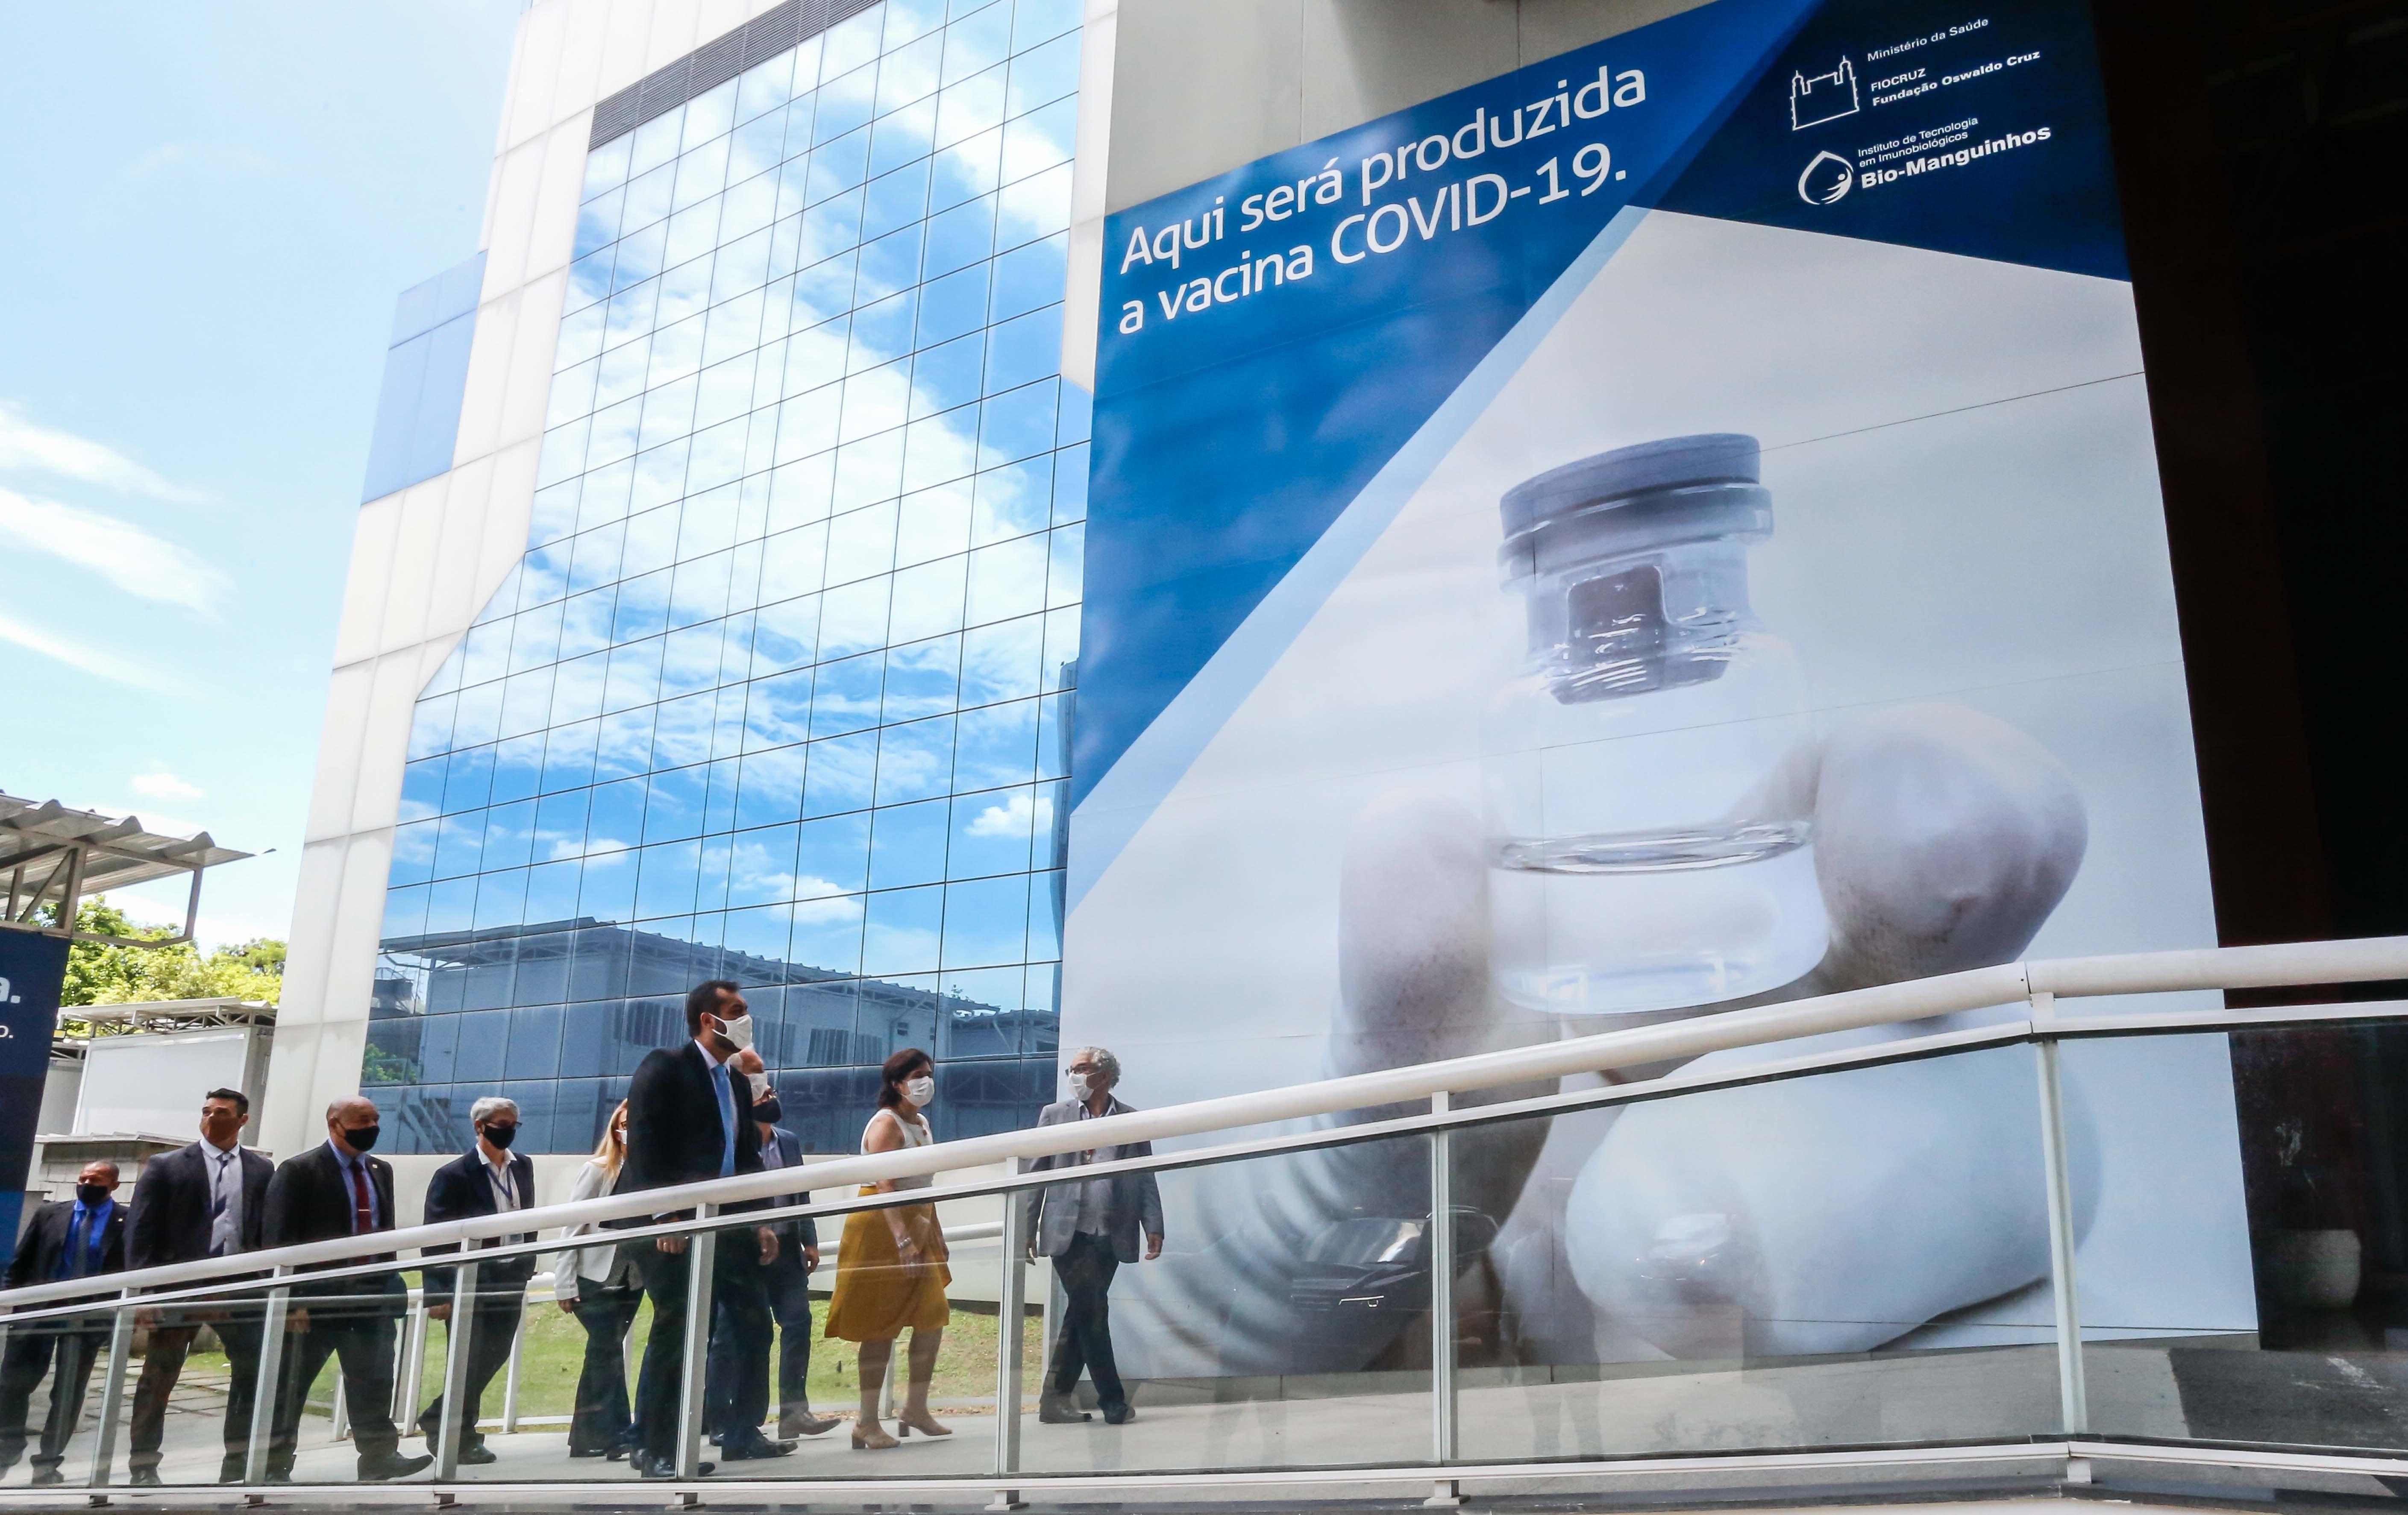 Justiça reverte indisponibilidade de imóvel da Fiocruz onde será fabricada vacina da Covid-19 no Rio, diz AGU